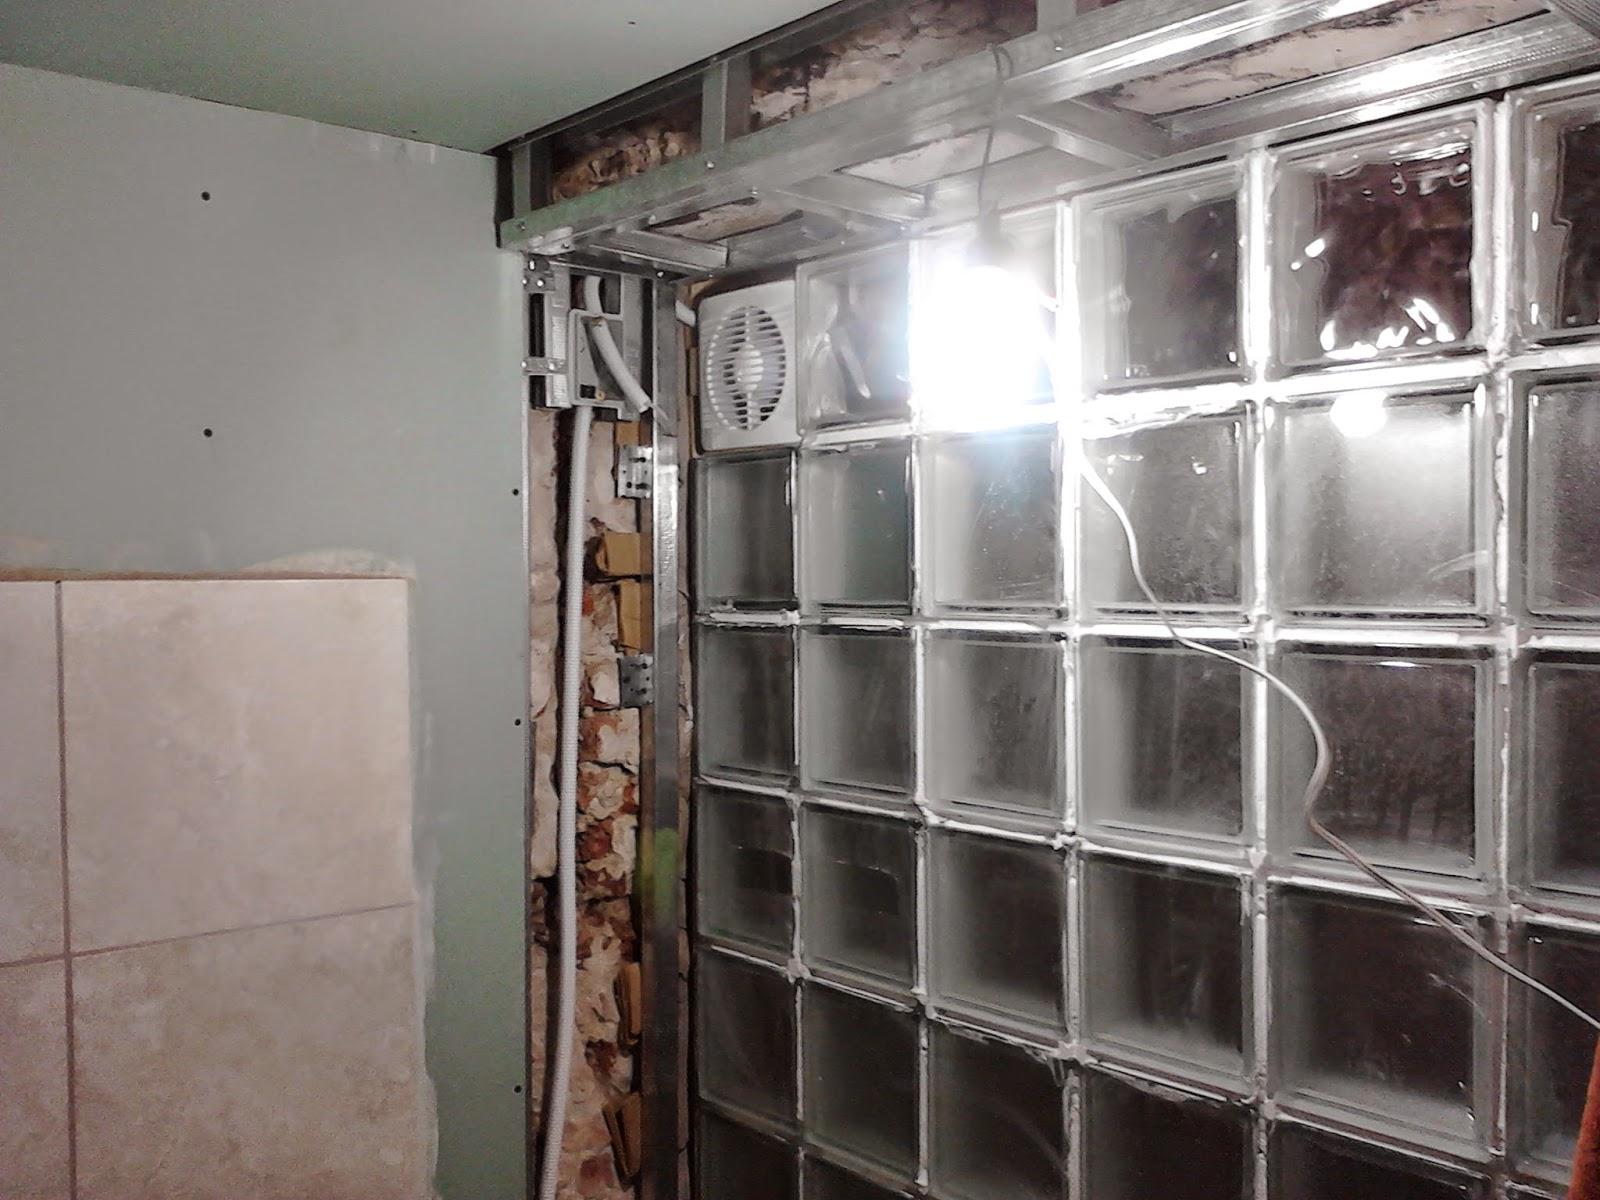 Construcci n del ba o remodelar un ph - Instalacion extractor bano ...